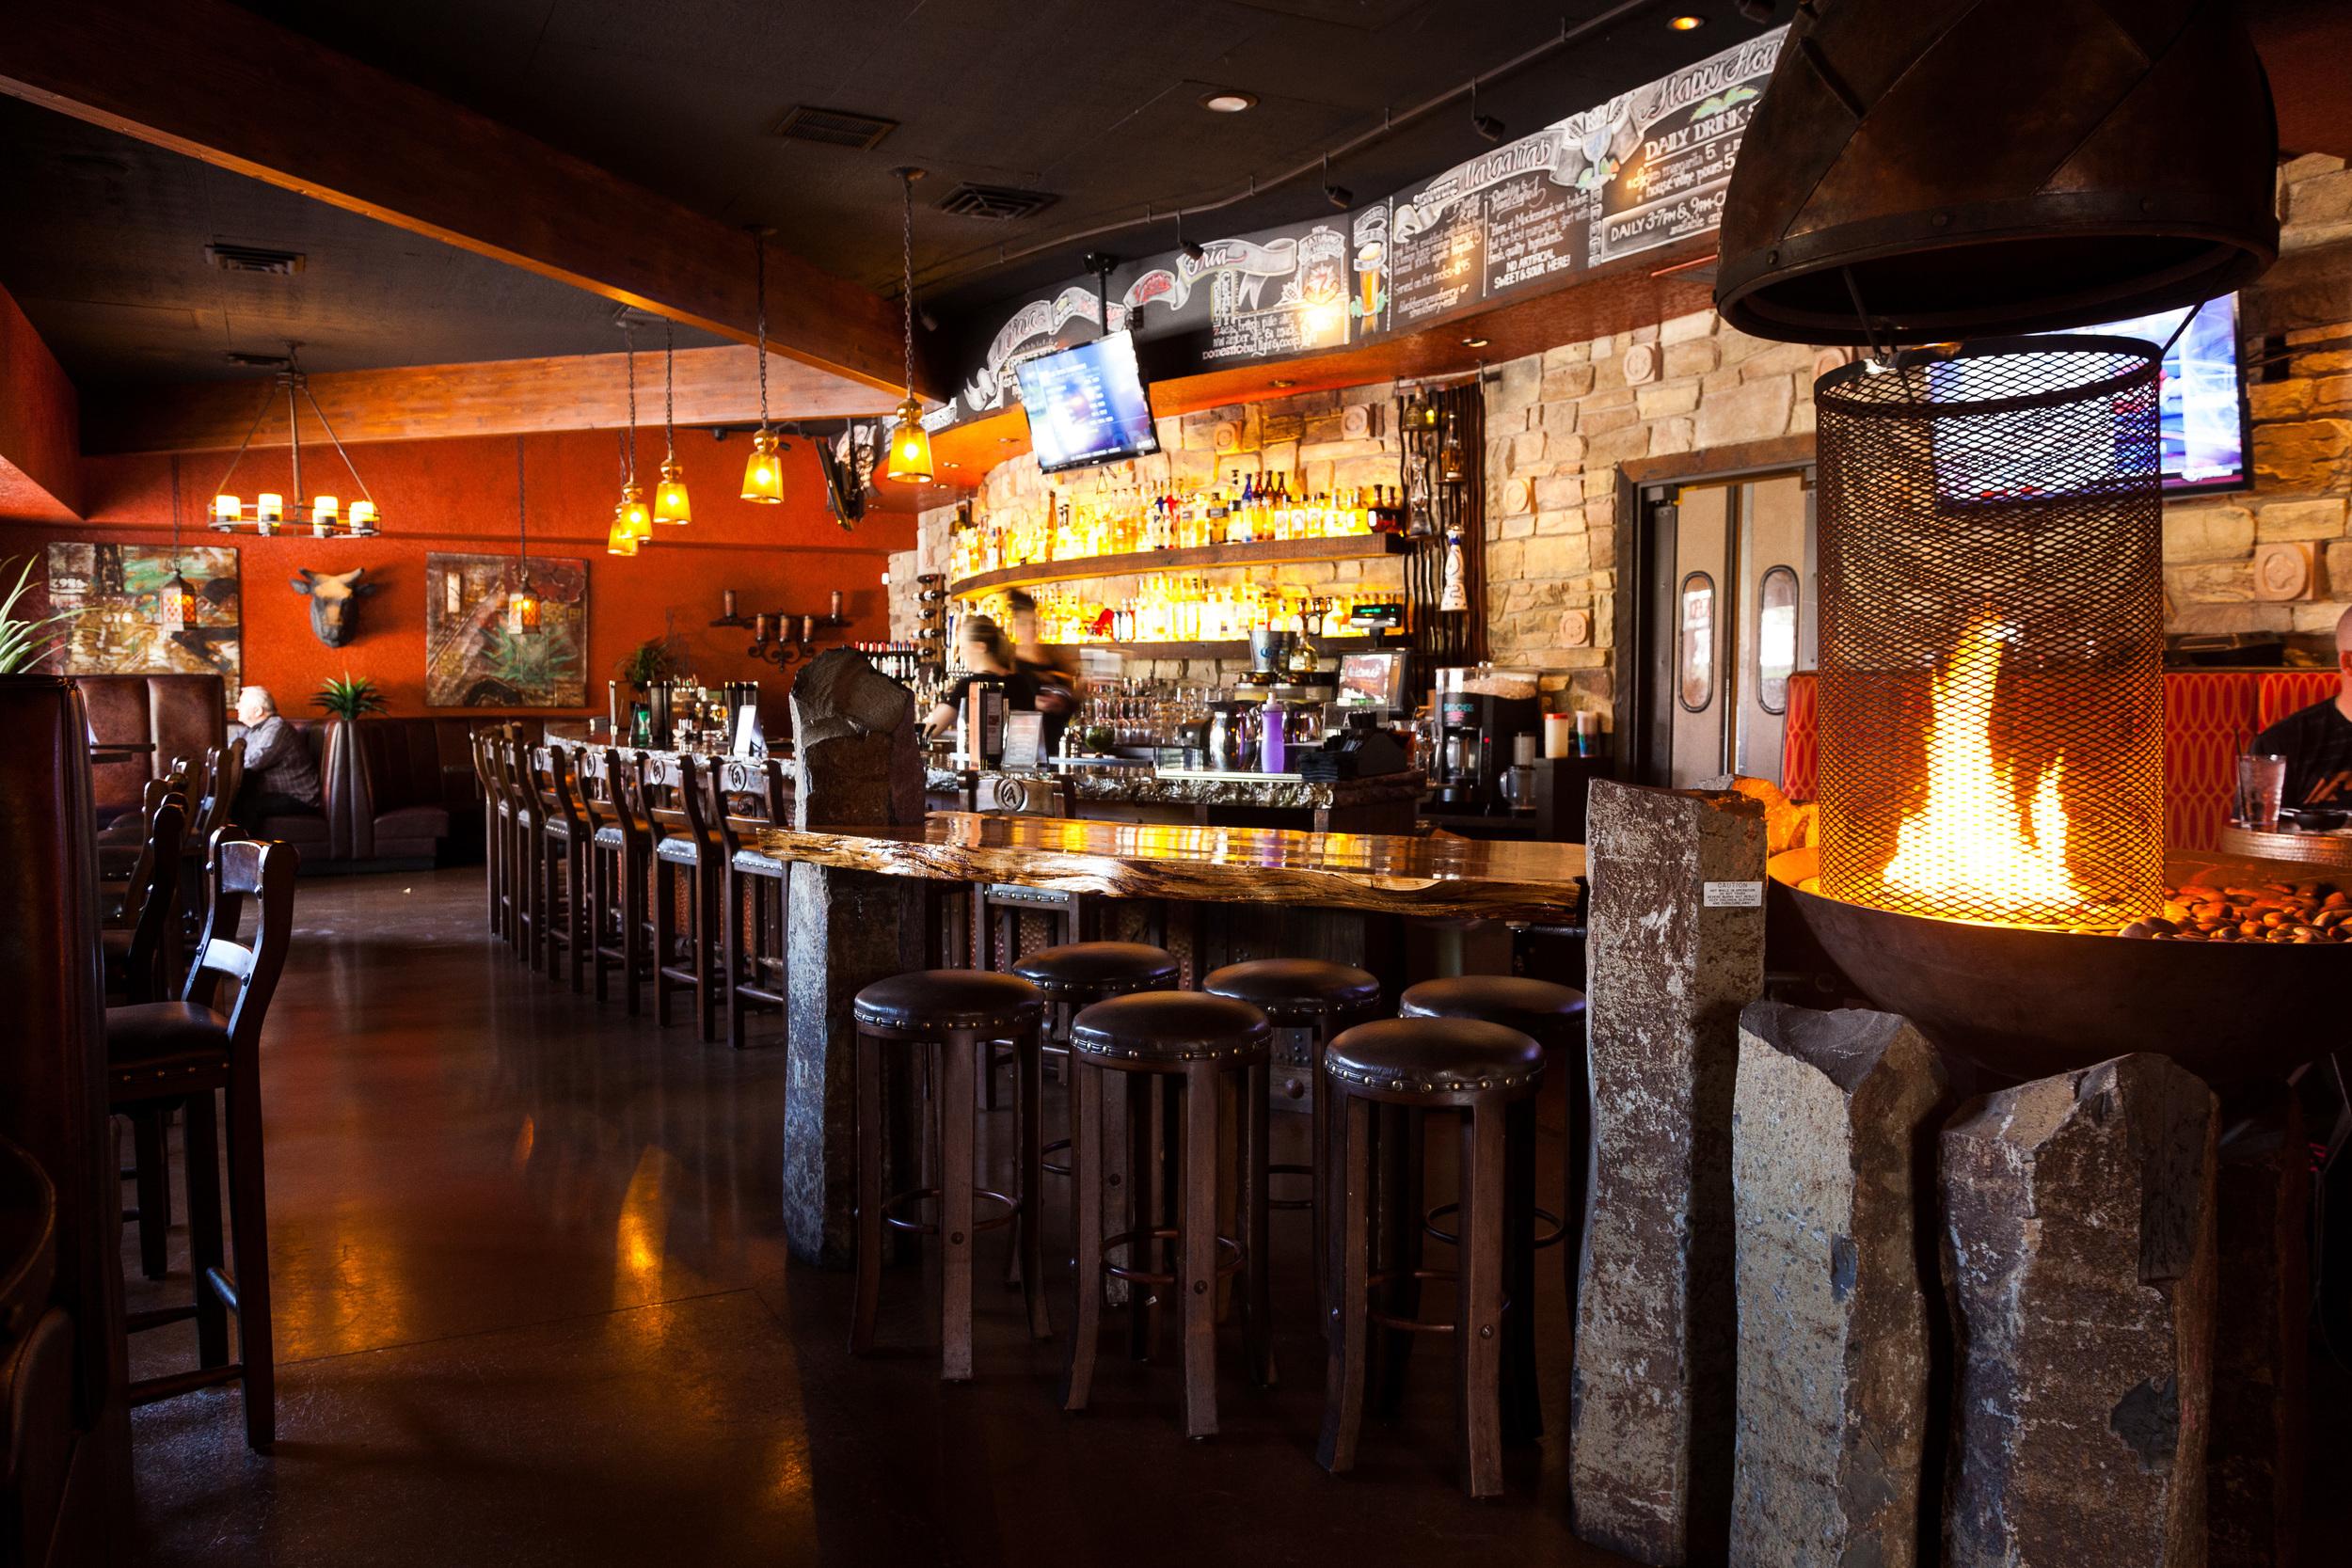 Moctezuma's Restaurant Gig Harbor